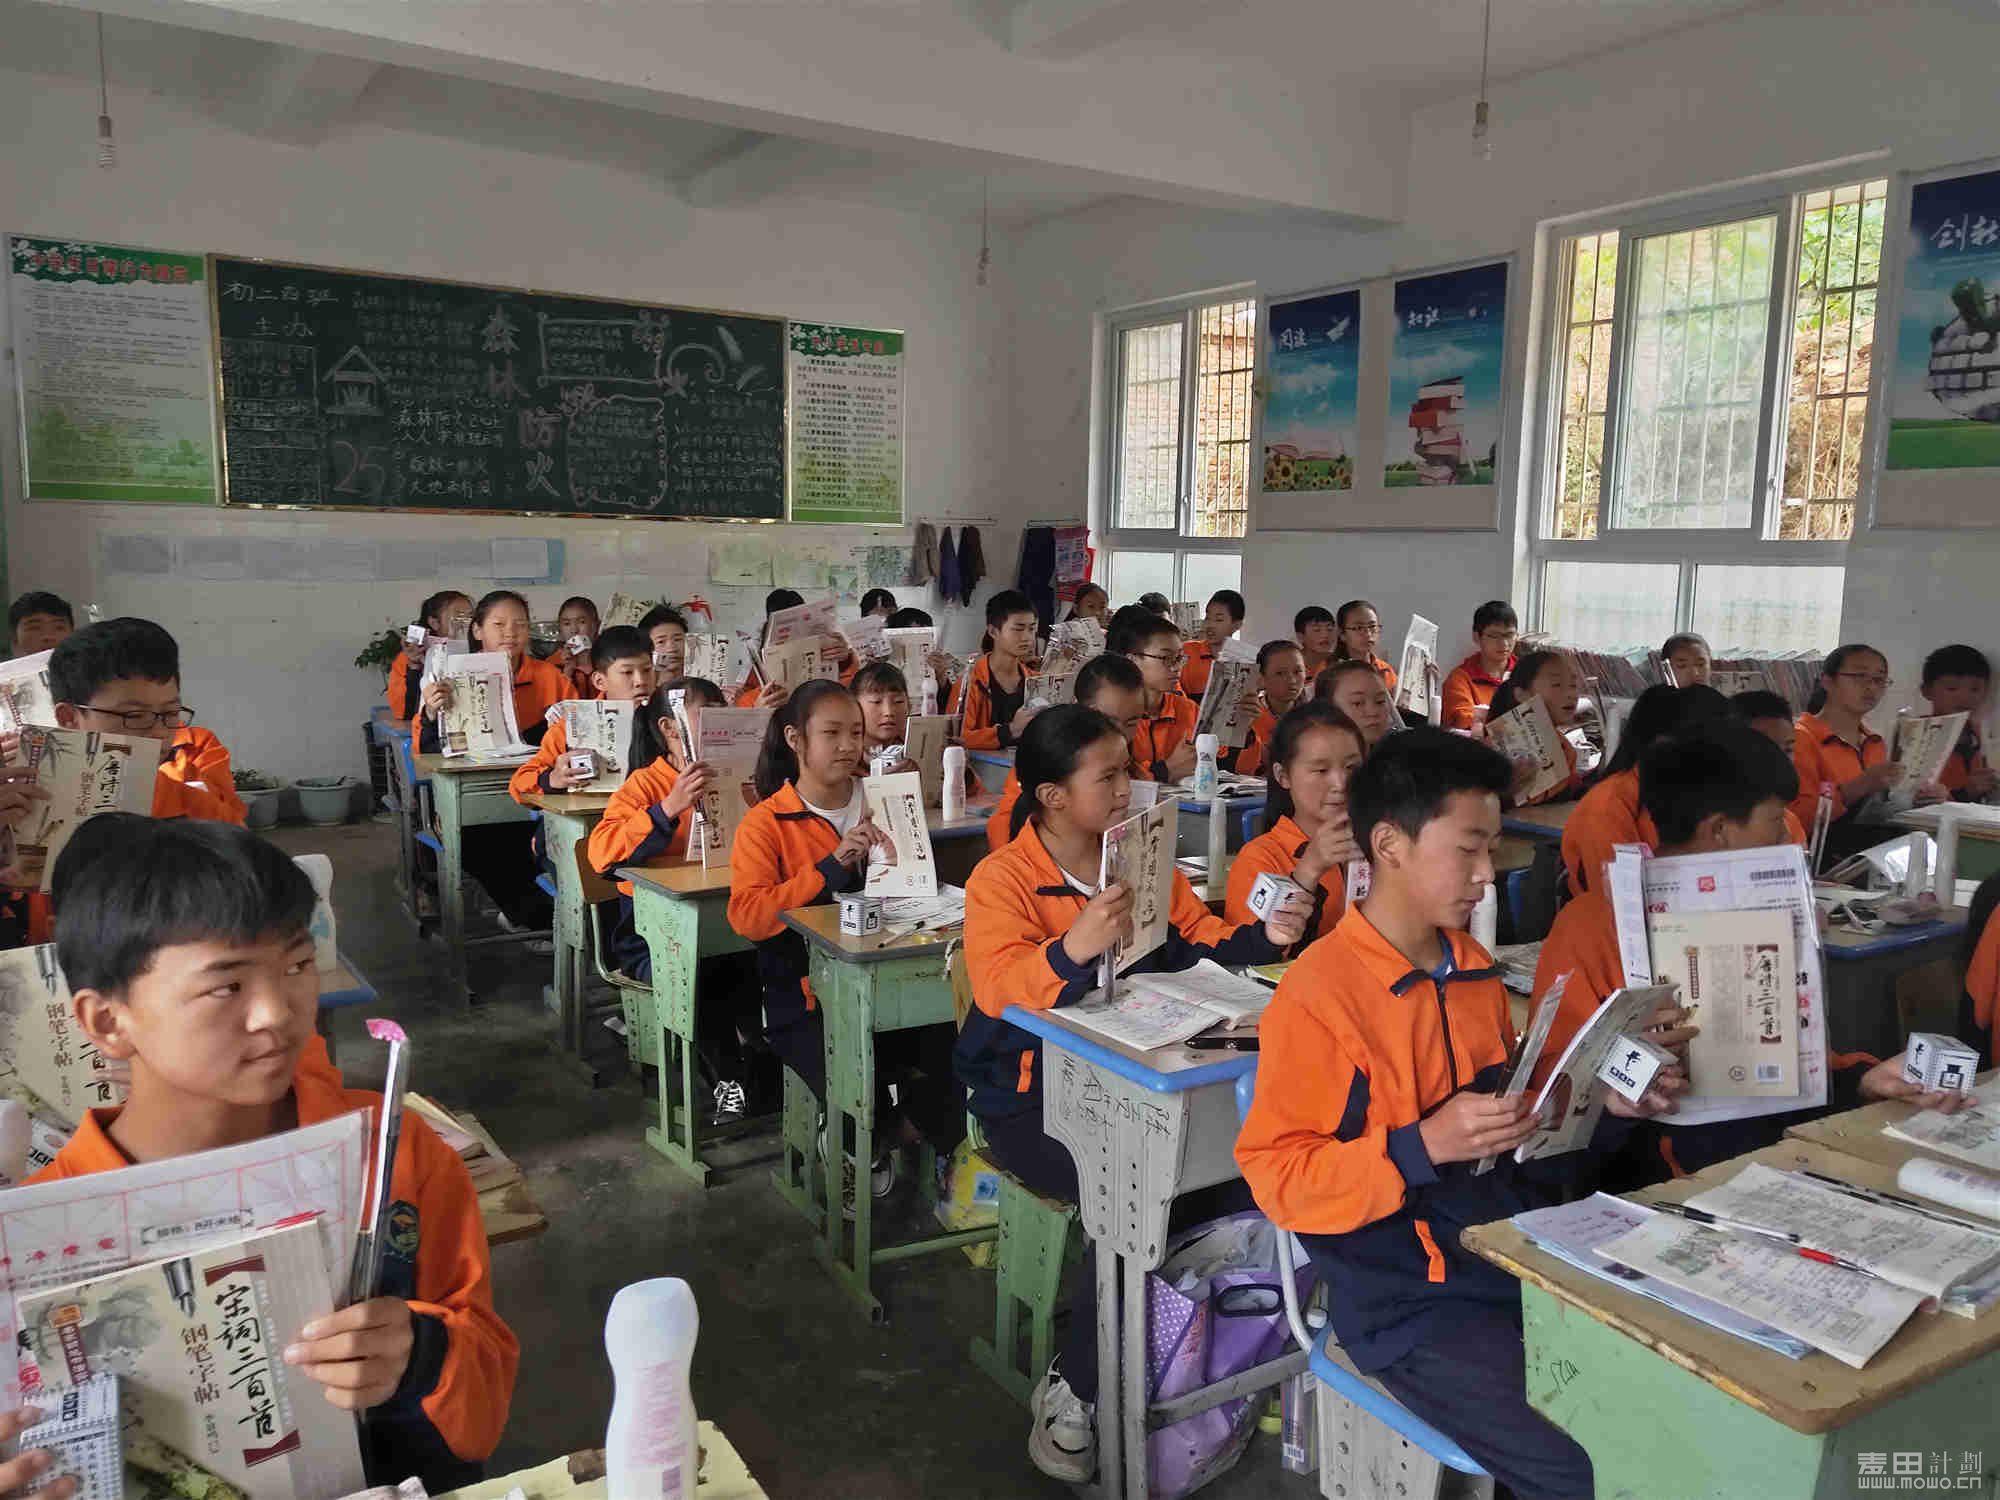 长安公益联盟班的孩子们领到了钢笔、毛笔、字帖,还有沐浴露